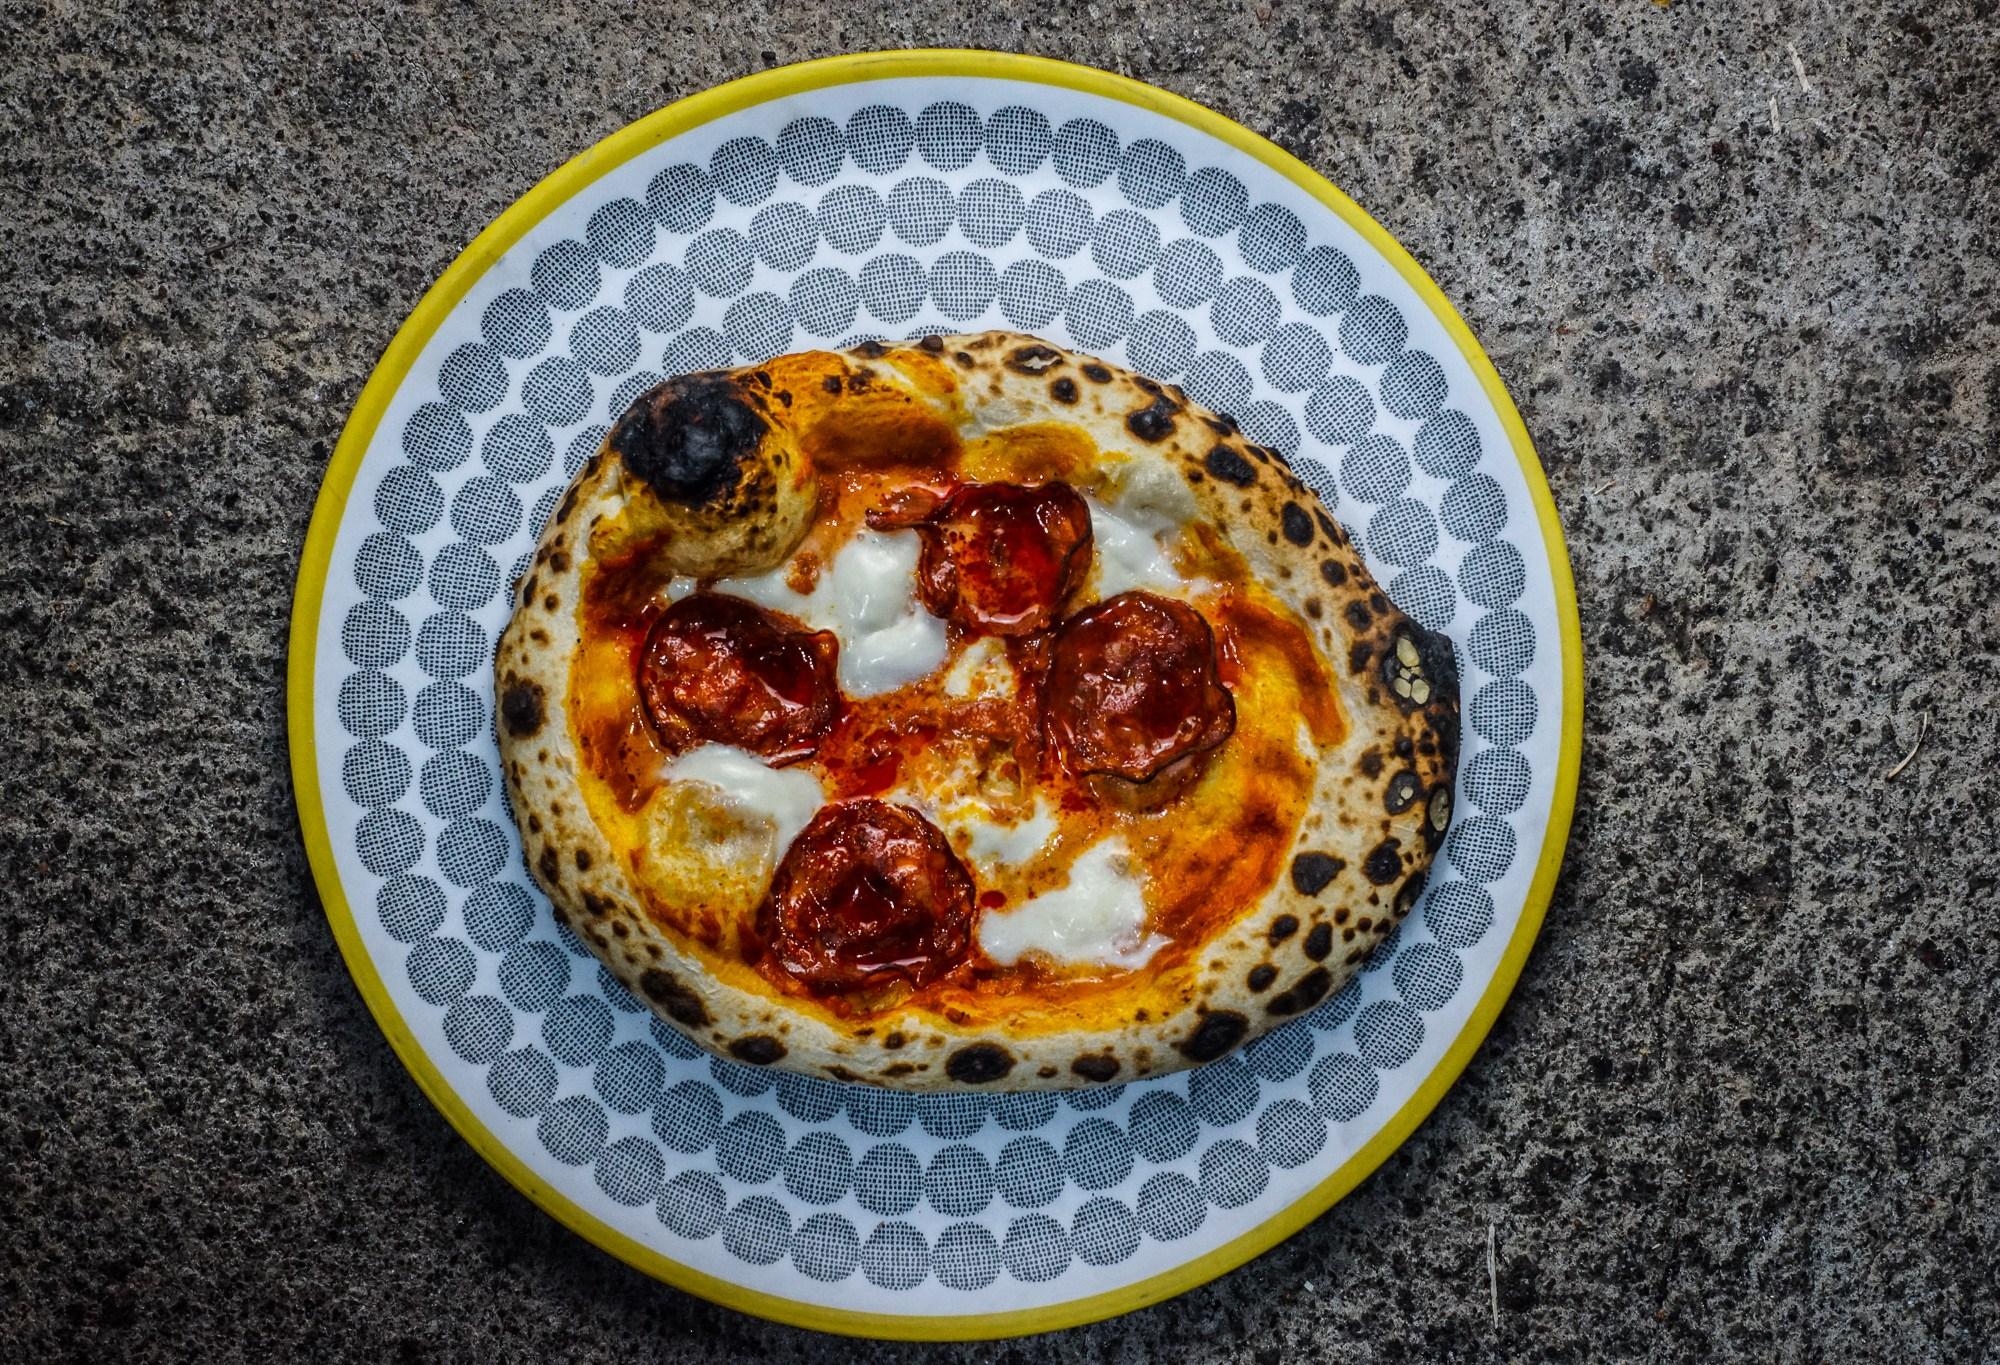 Ooni 3 Pizzas